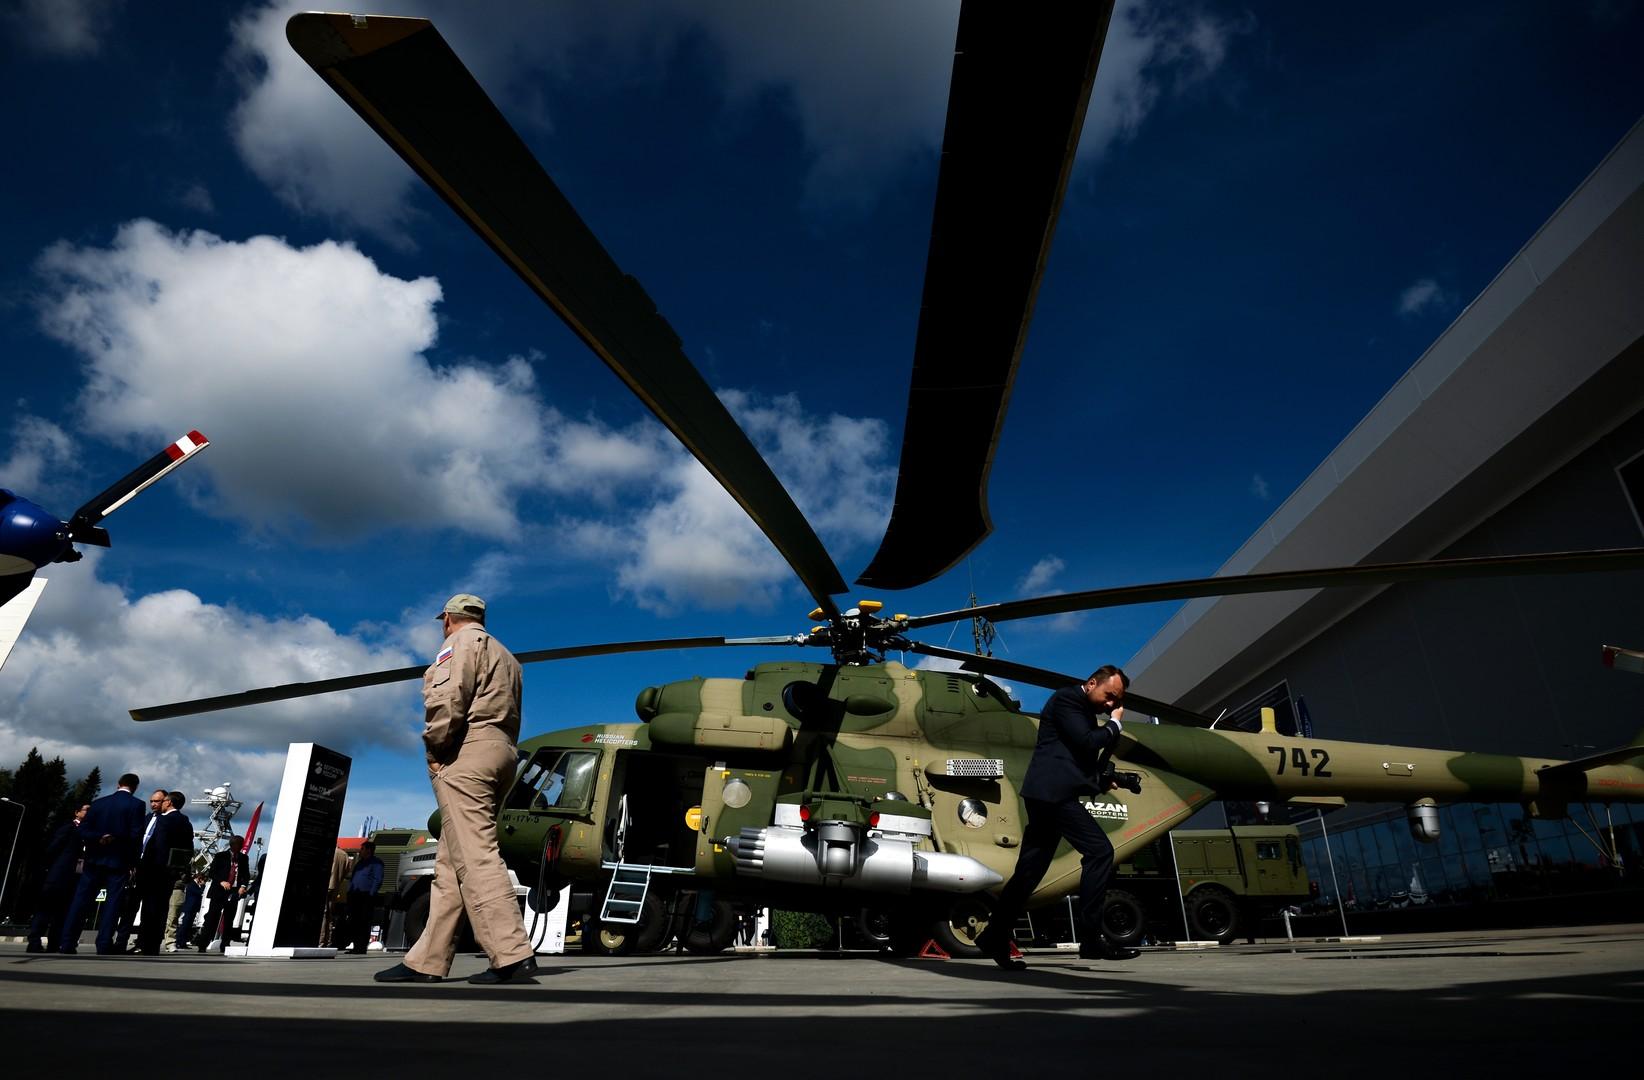 Многоцелевой вертолёт Mи-17В-5 представлен в открытой экспозиции на Международном военно-техническом форуме «Армия-2016» в конгрессно-выставочном центре подмосковного Военно-патриотического парка культуры и отдыха Вооруженных сил РФ «Патриот» .